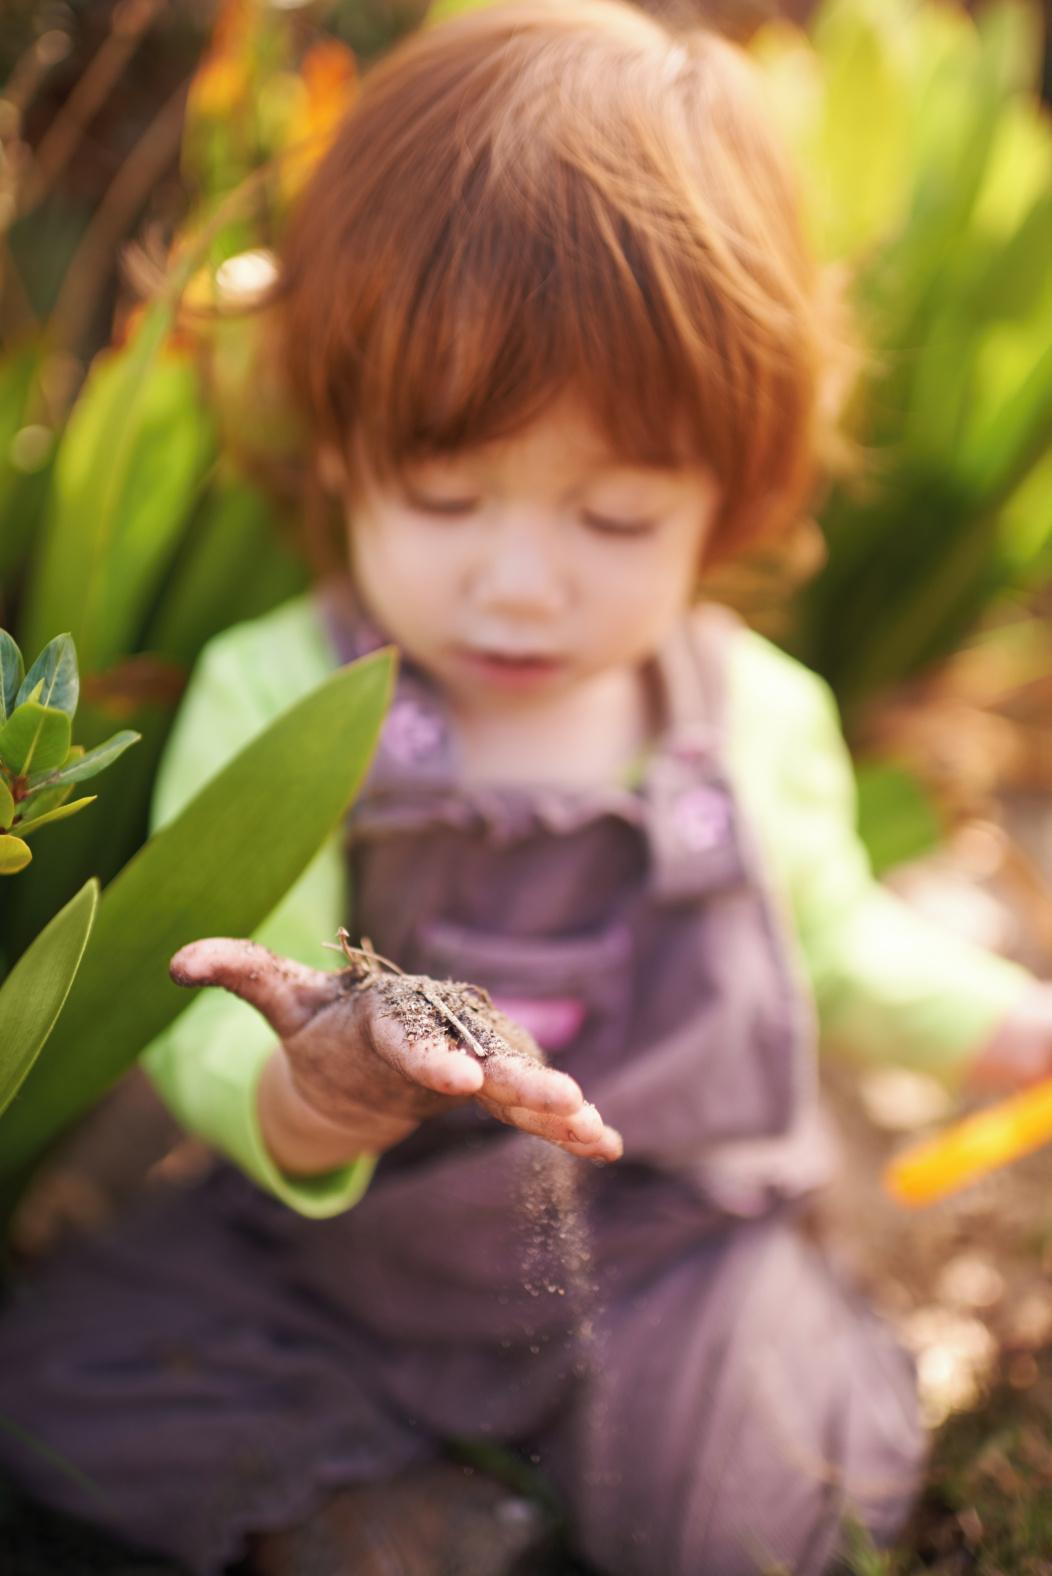 niño jugando en la naturaleza